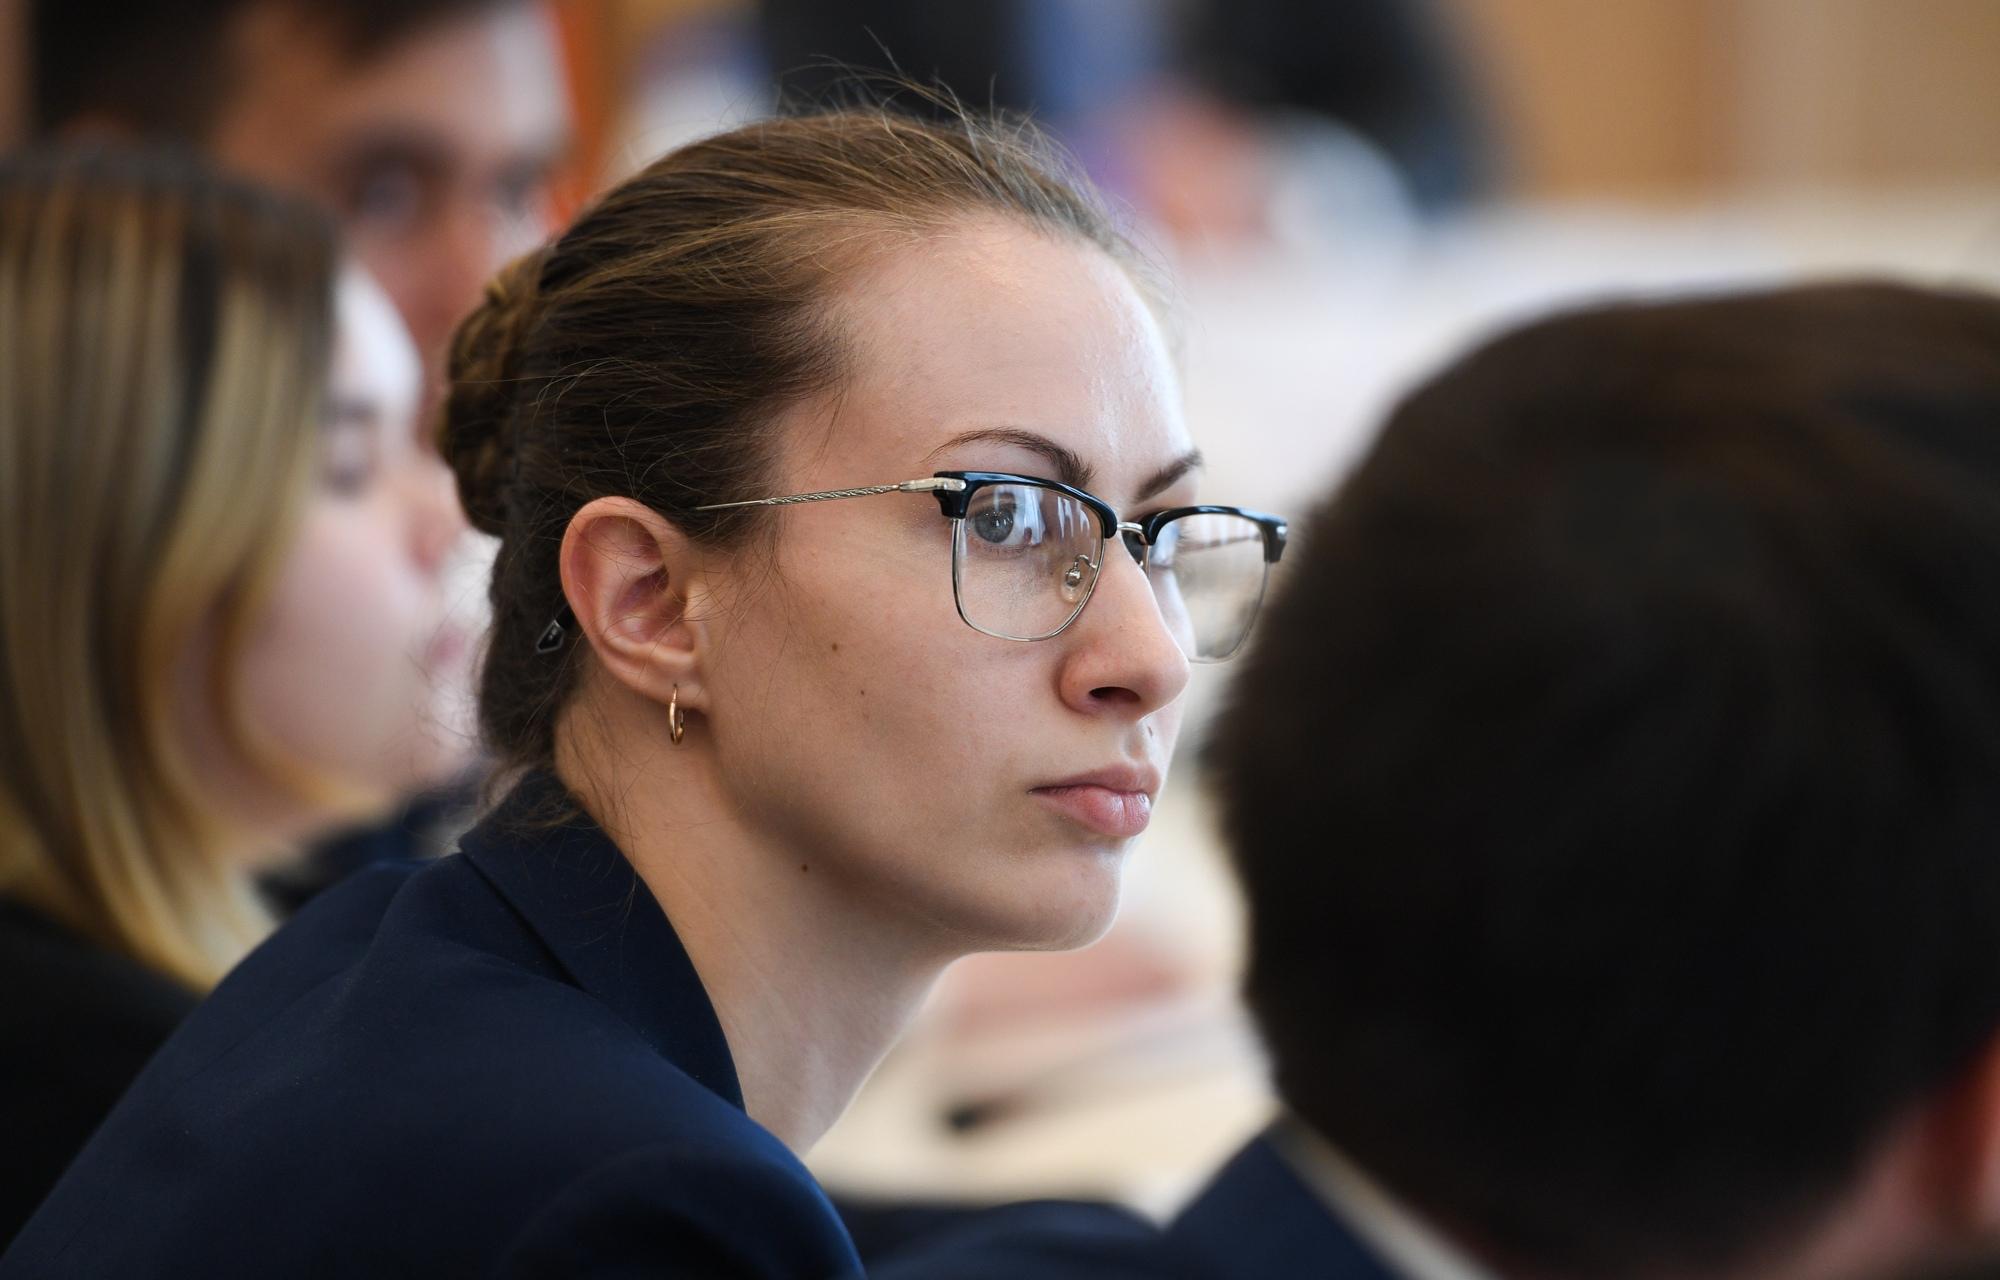 Дарья Лаврикова: Налаживание системности и увеличение ответственности в сфере госзакупок обосновано и своевременно